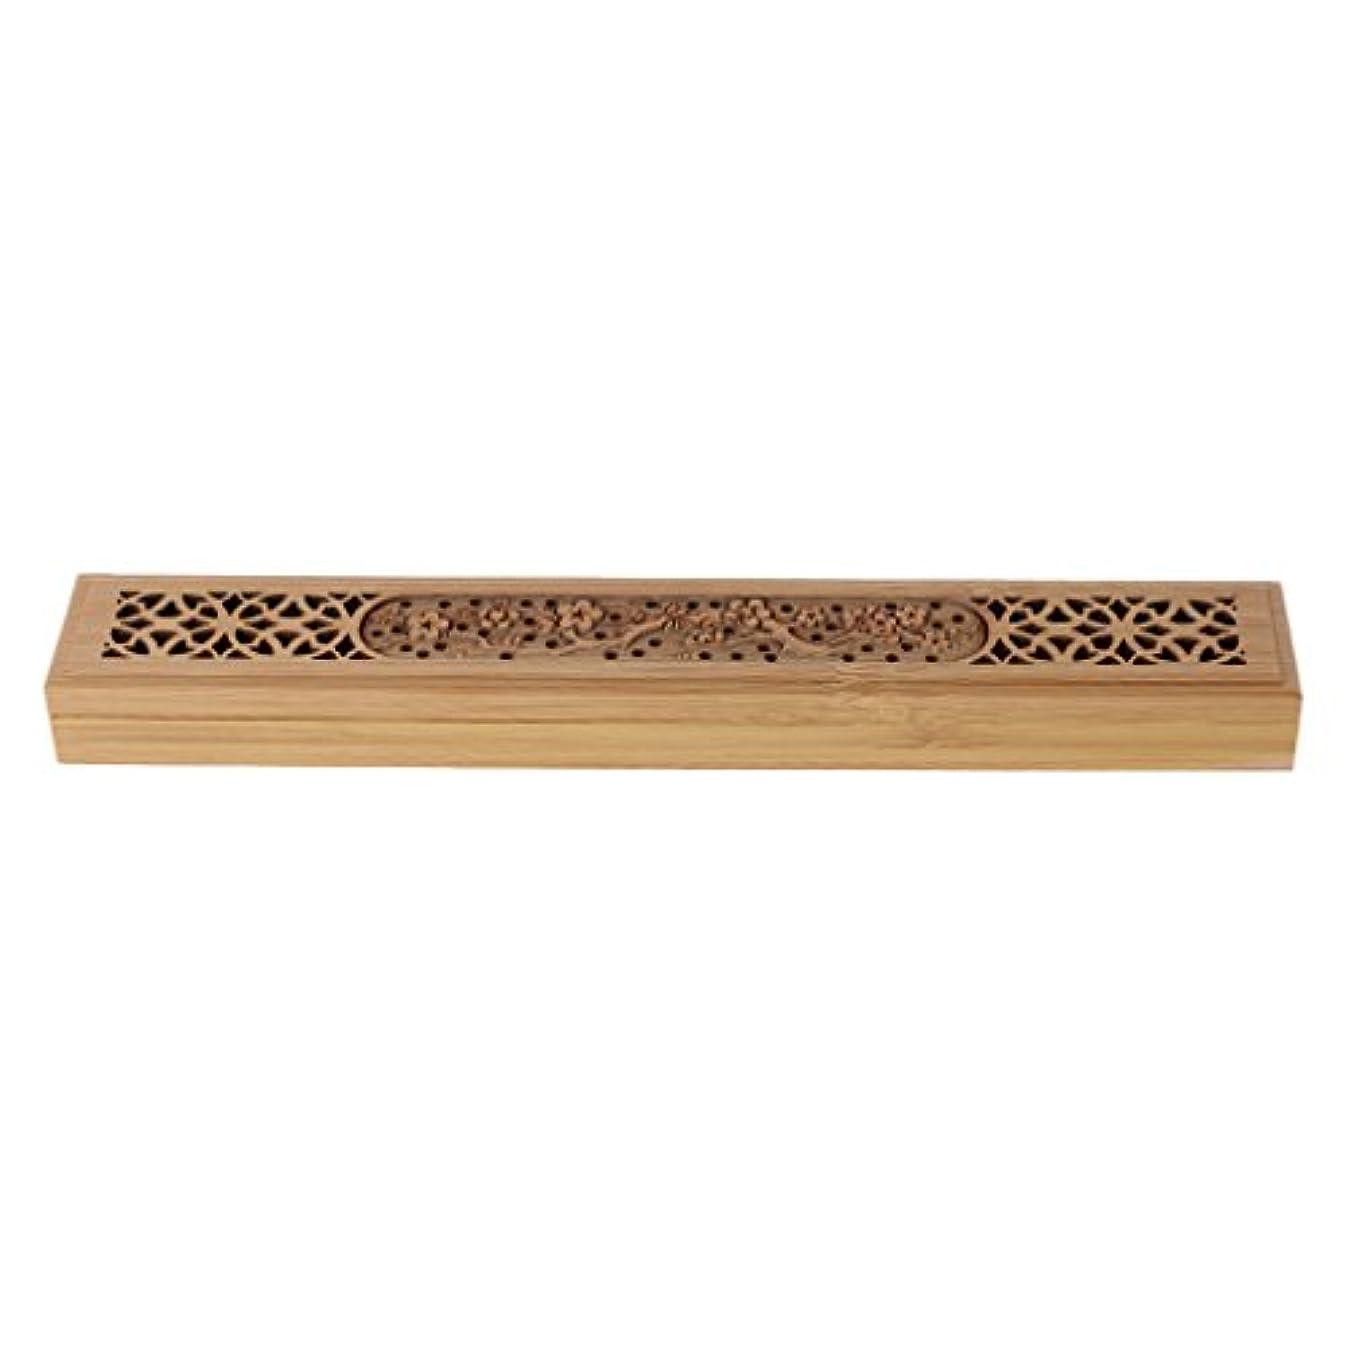 精神呼吸普及SimpleLife 木製の香炉バーナーレトロな手彫り中空のジョス棒の香りホルダーボックス